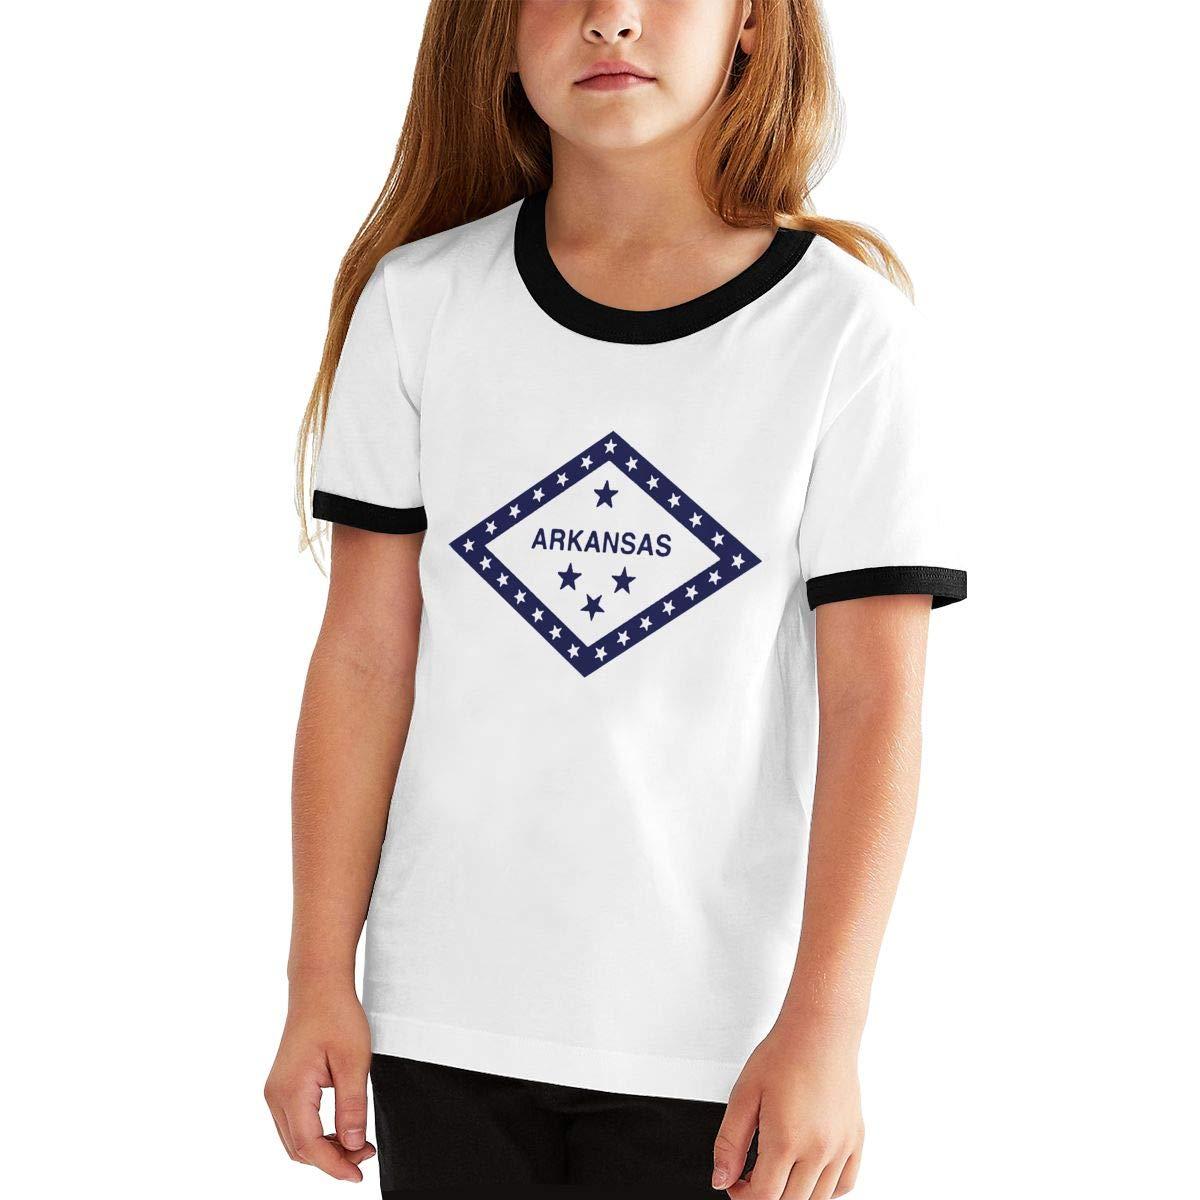 Kids Or Little Boys and Girls Manlee Arkansas State Unisex Childrens Short Sleeve T-Shirt